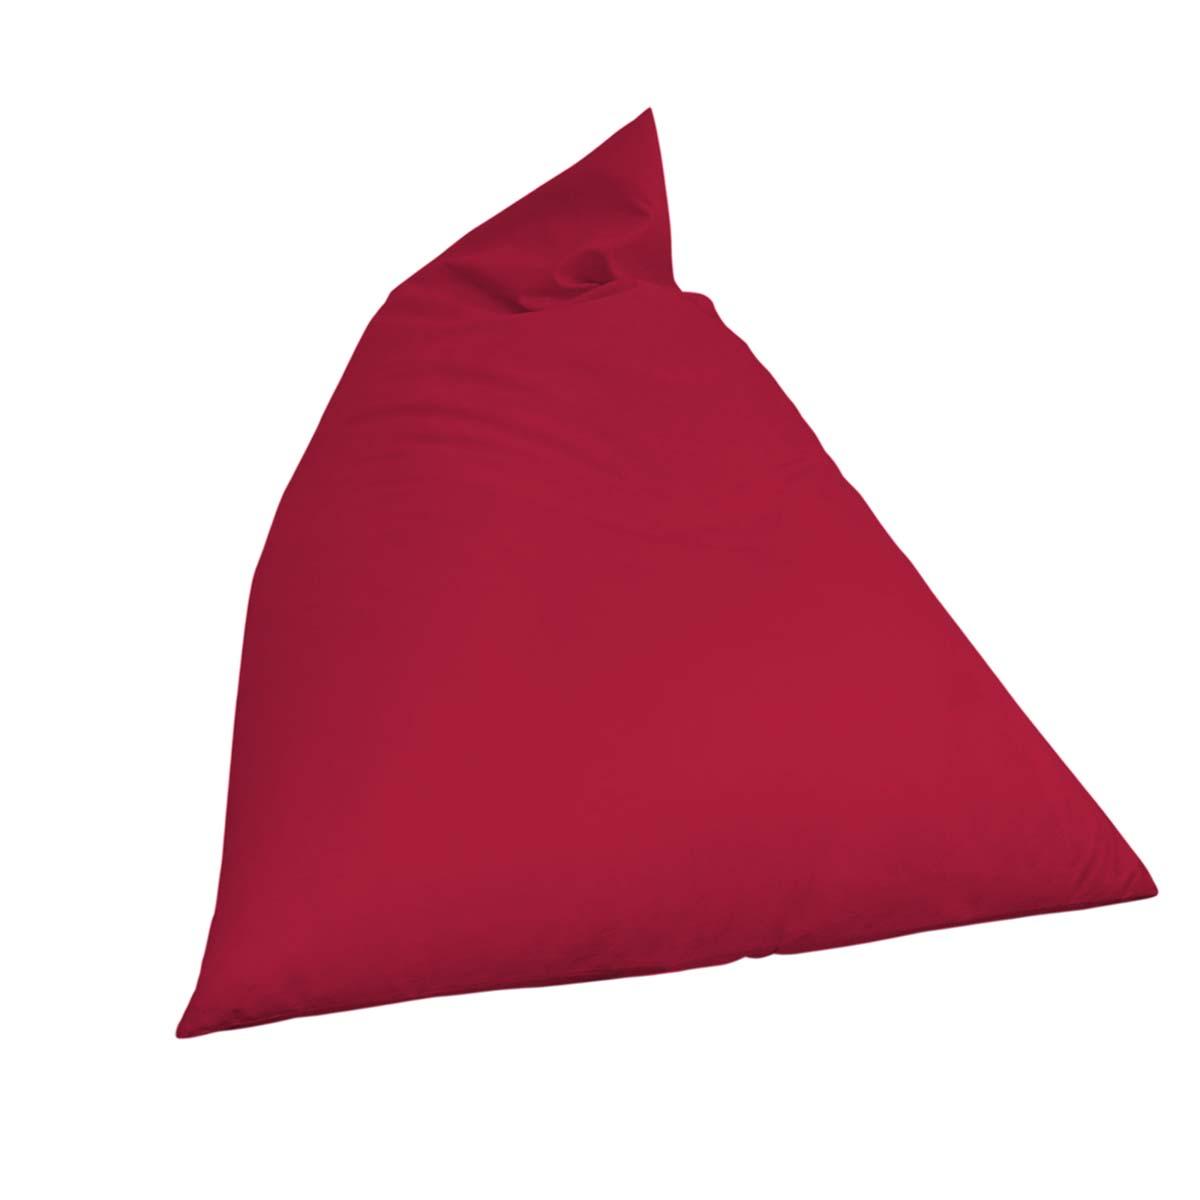 Pufe-Berlingot-124-Tecido-Lonita-Vermelho-da-China-01-ok